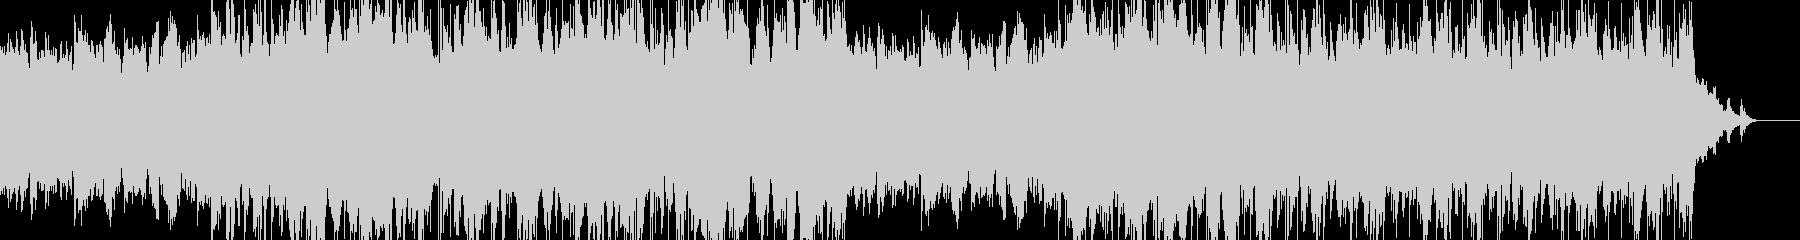 アンビエントビートとピアノの楽曲の未再生の波形